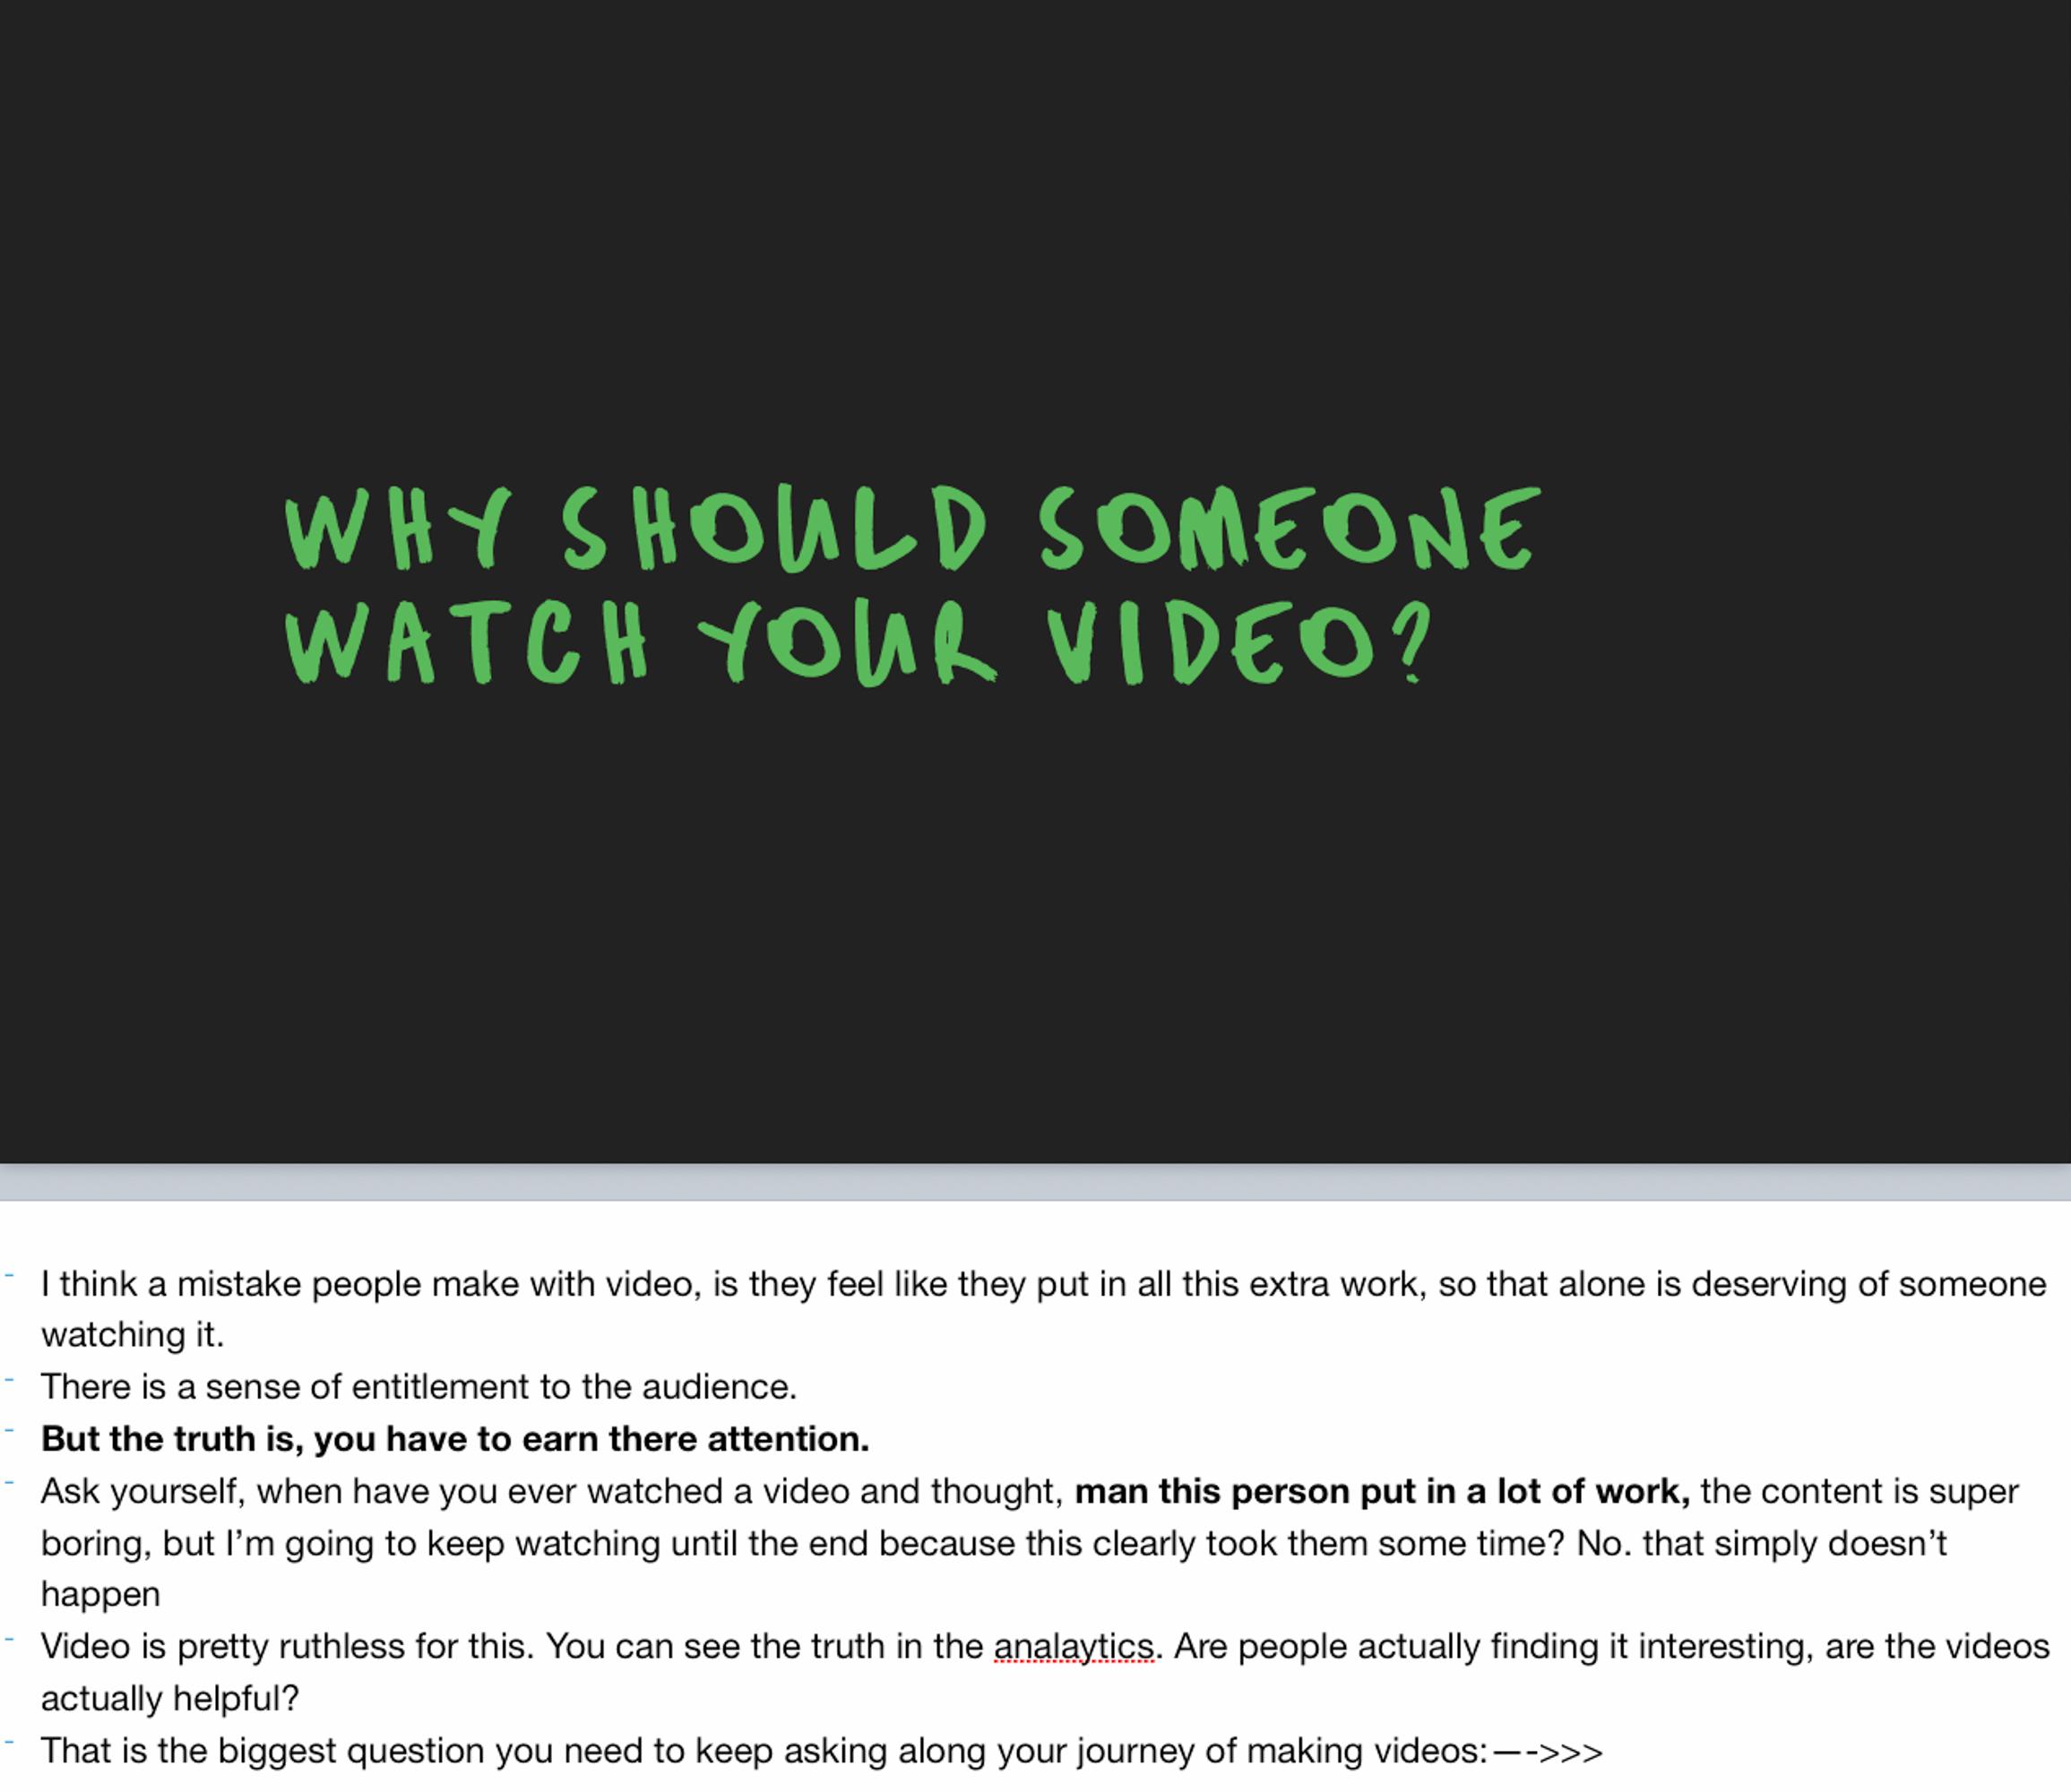 17_Levi_Allen_C+C_Talk_Slides_HowToMakeVideosPeopleWantToWatch.jpg